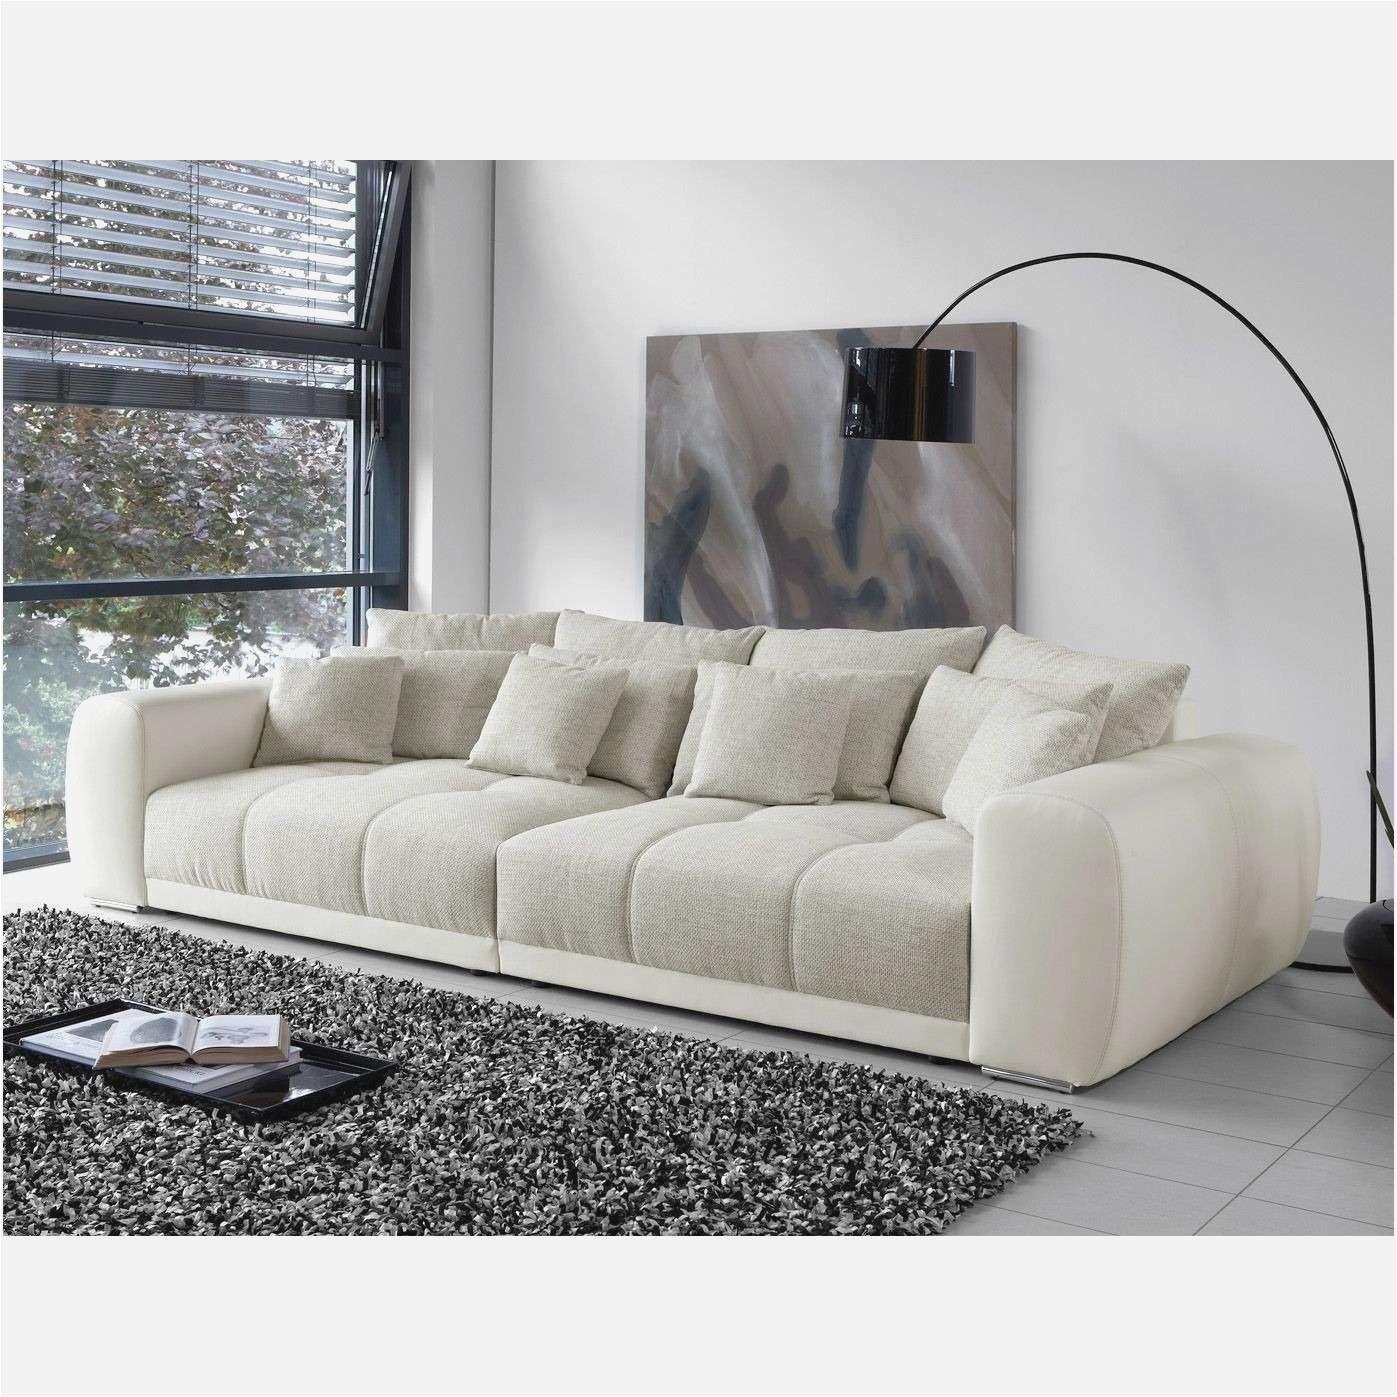 wohnzimmer ideen schwarzes sofa